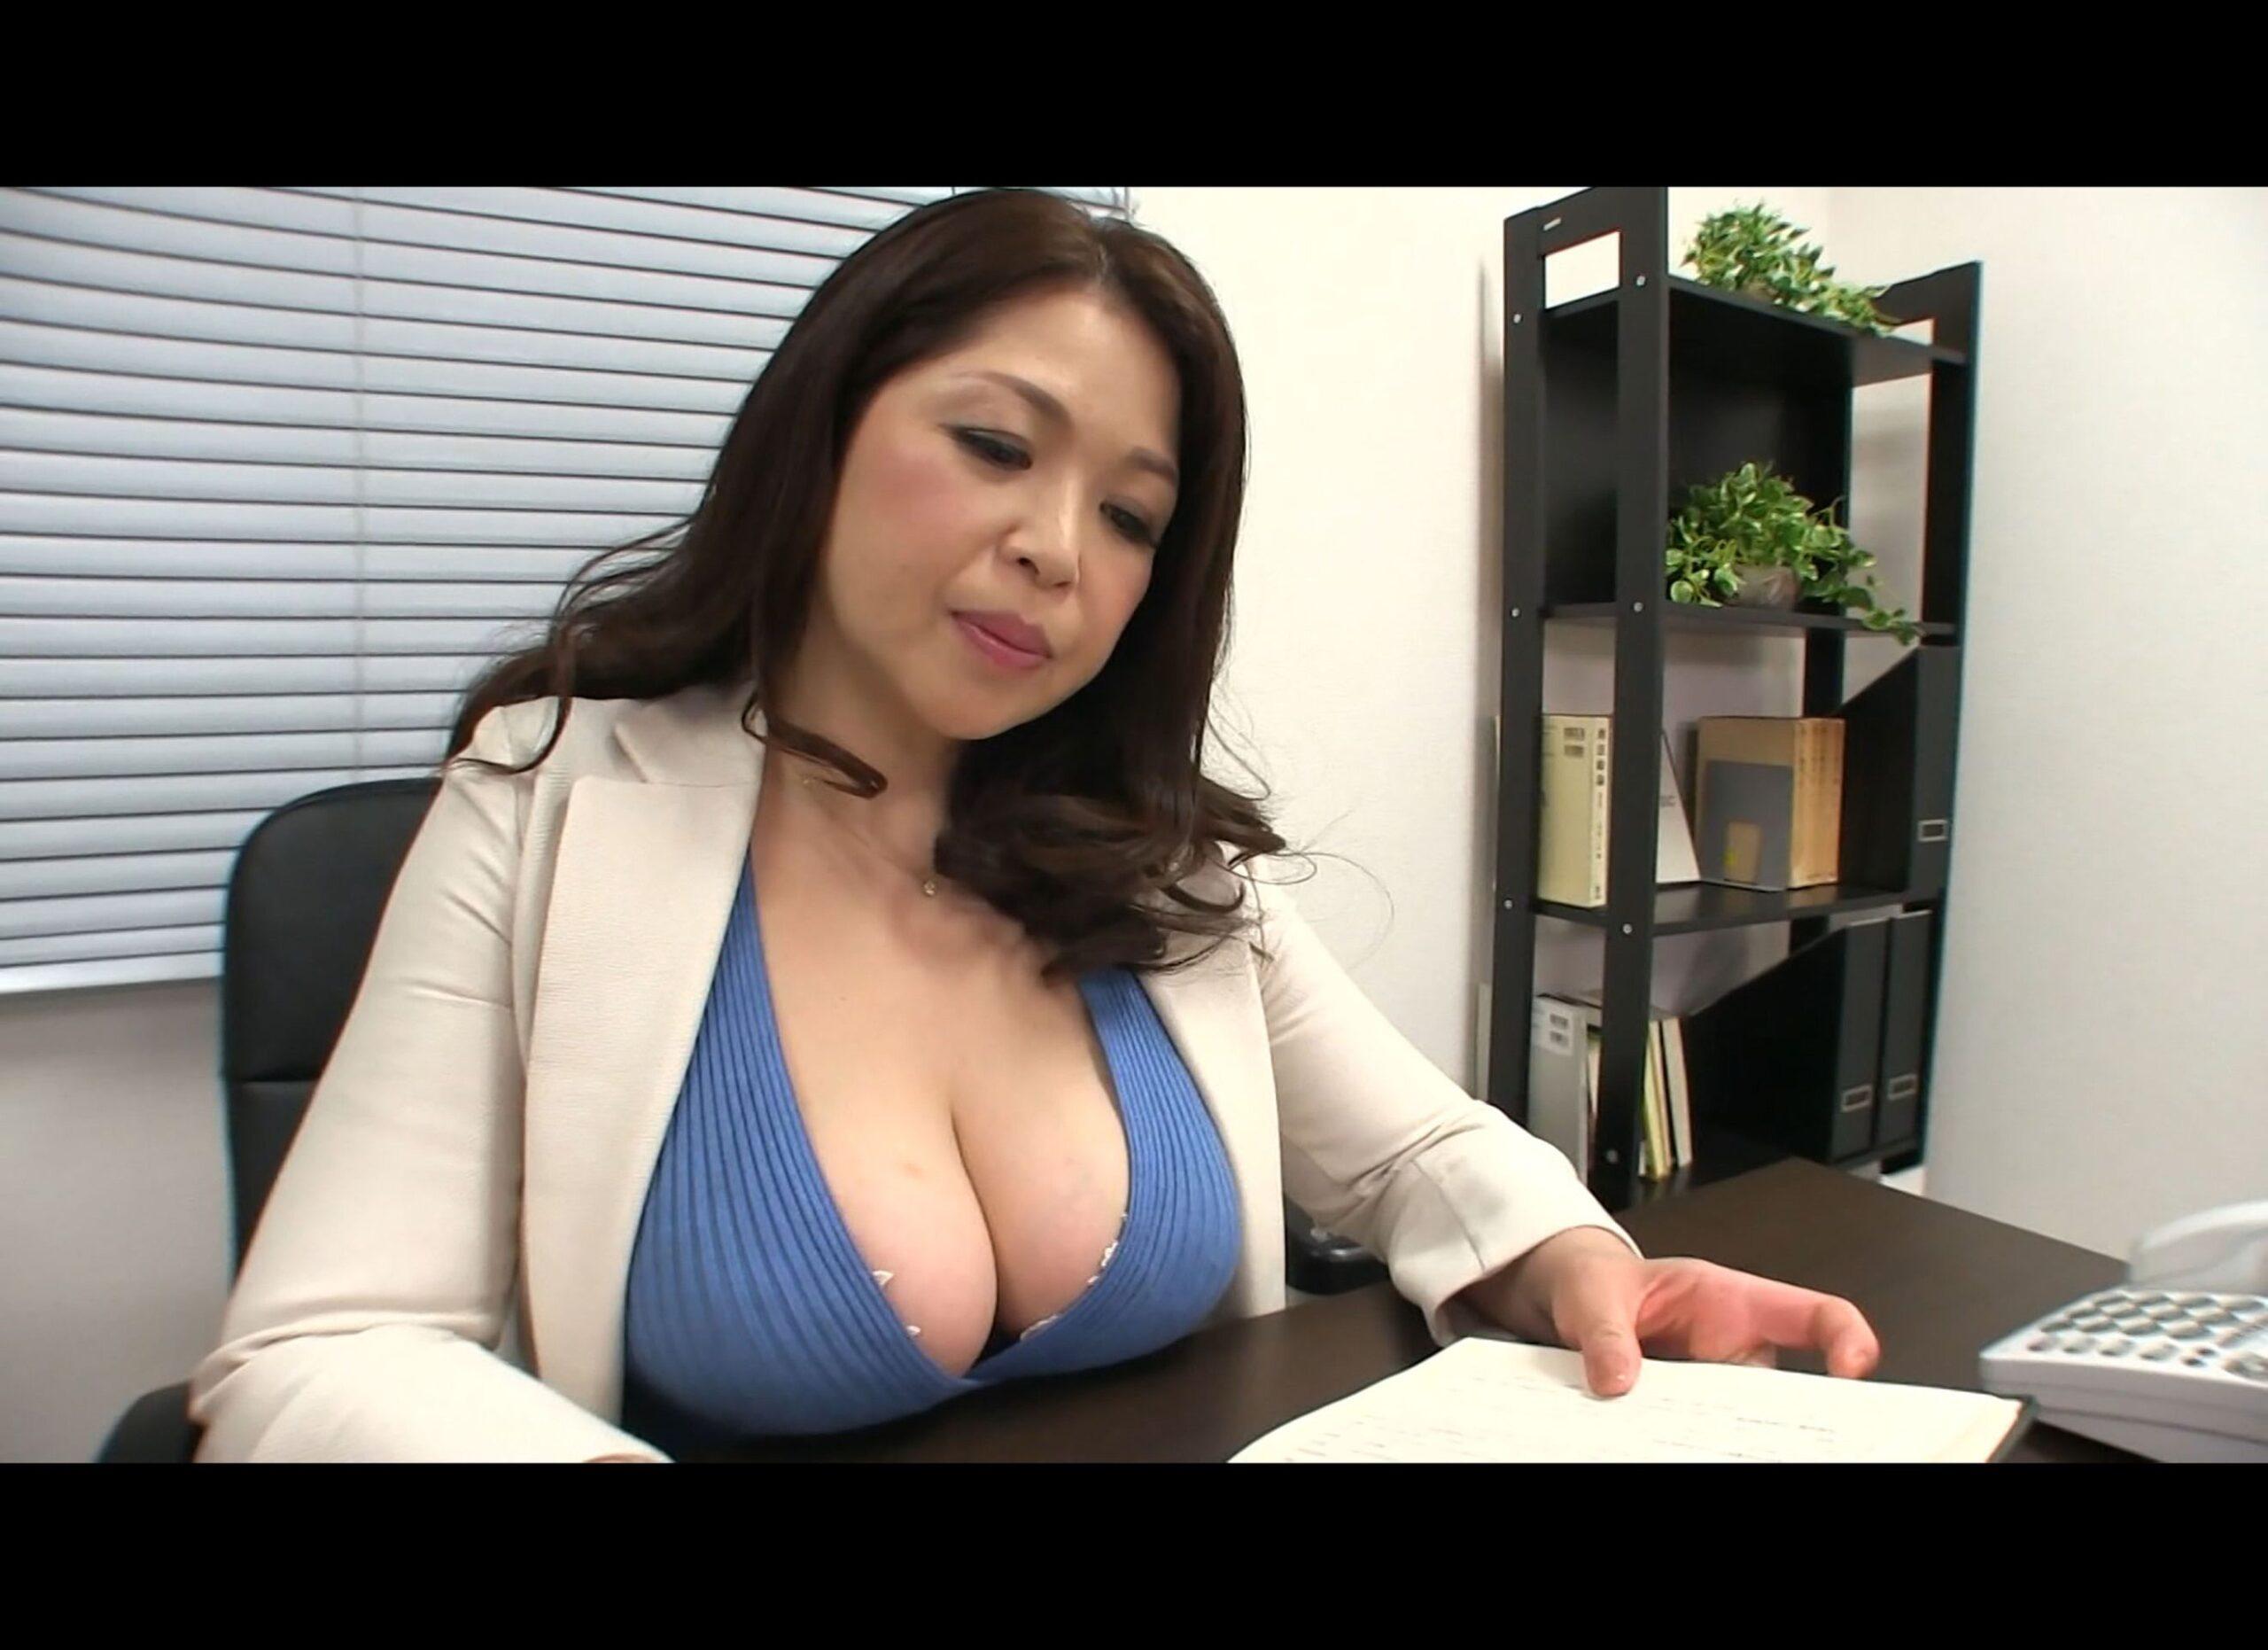 巨乳女PTA会長と女校長が性的奉仕した事が問題になり肉体謝罪! Episode01  加山なつこ 桐島美奈子 130photos